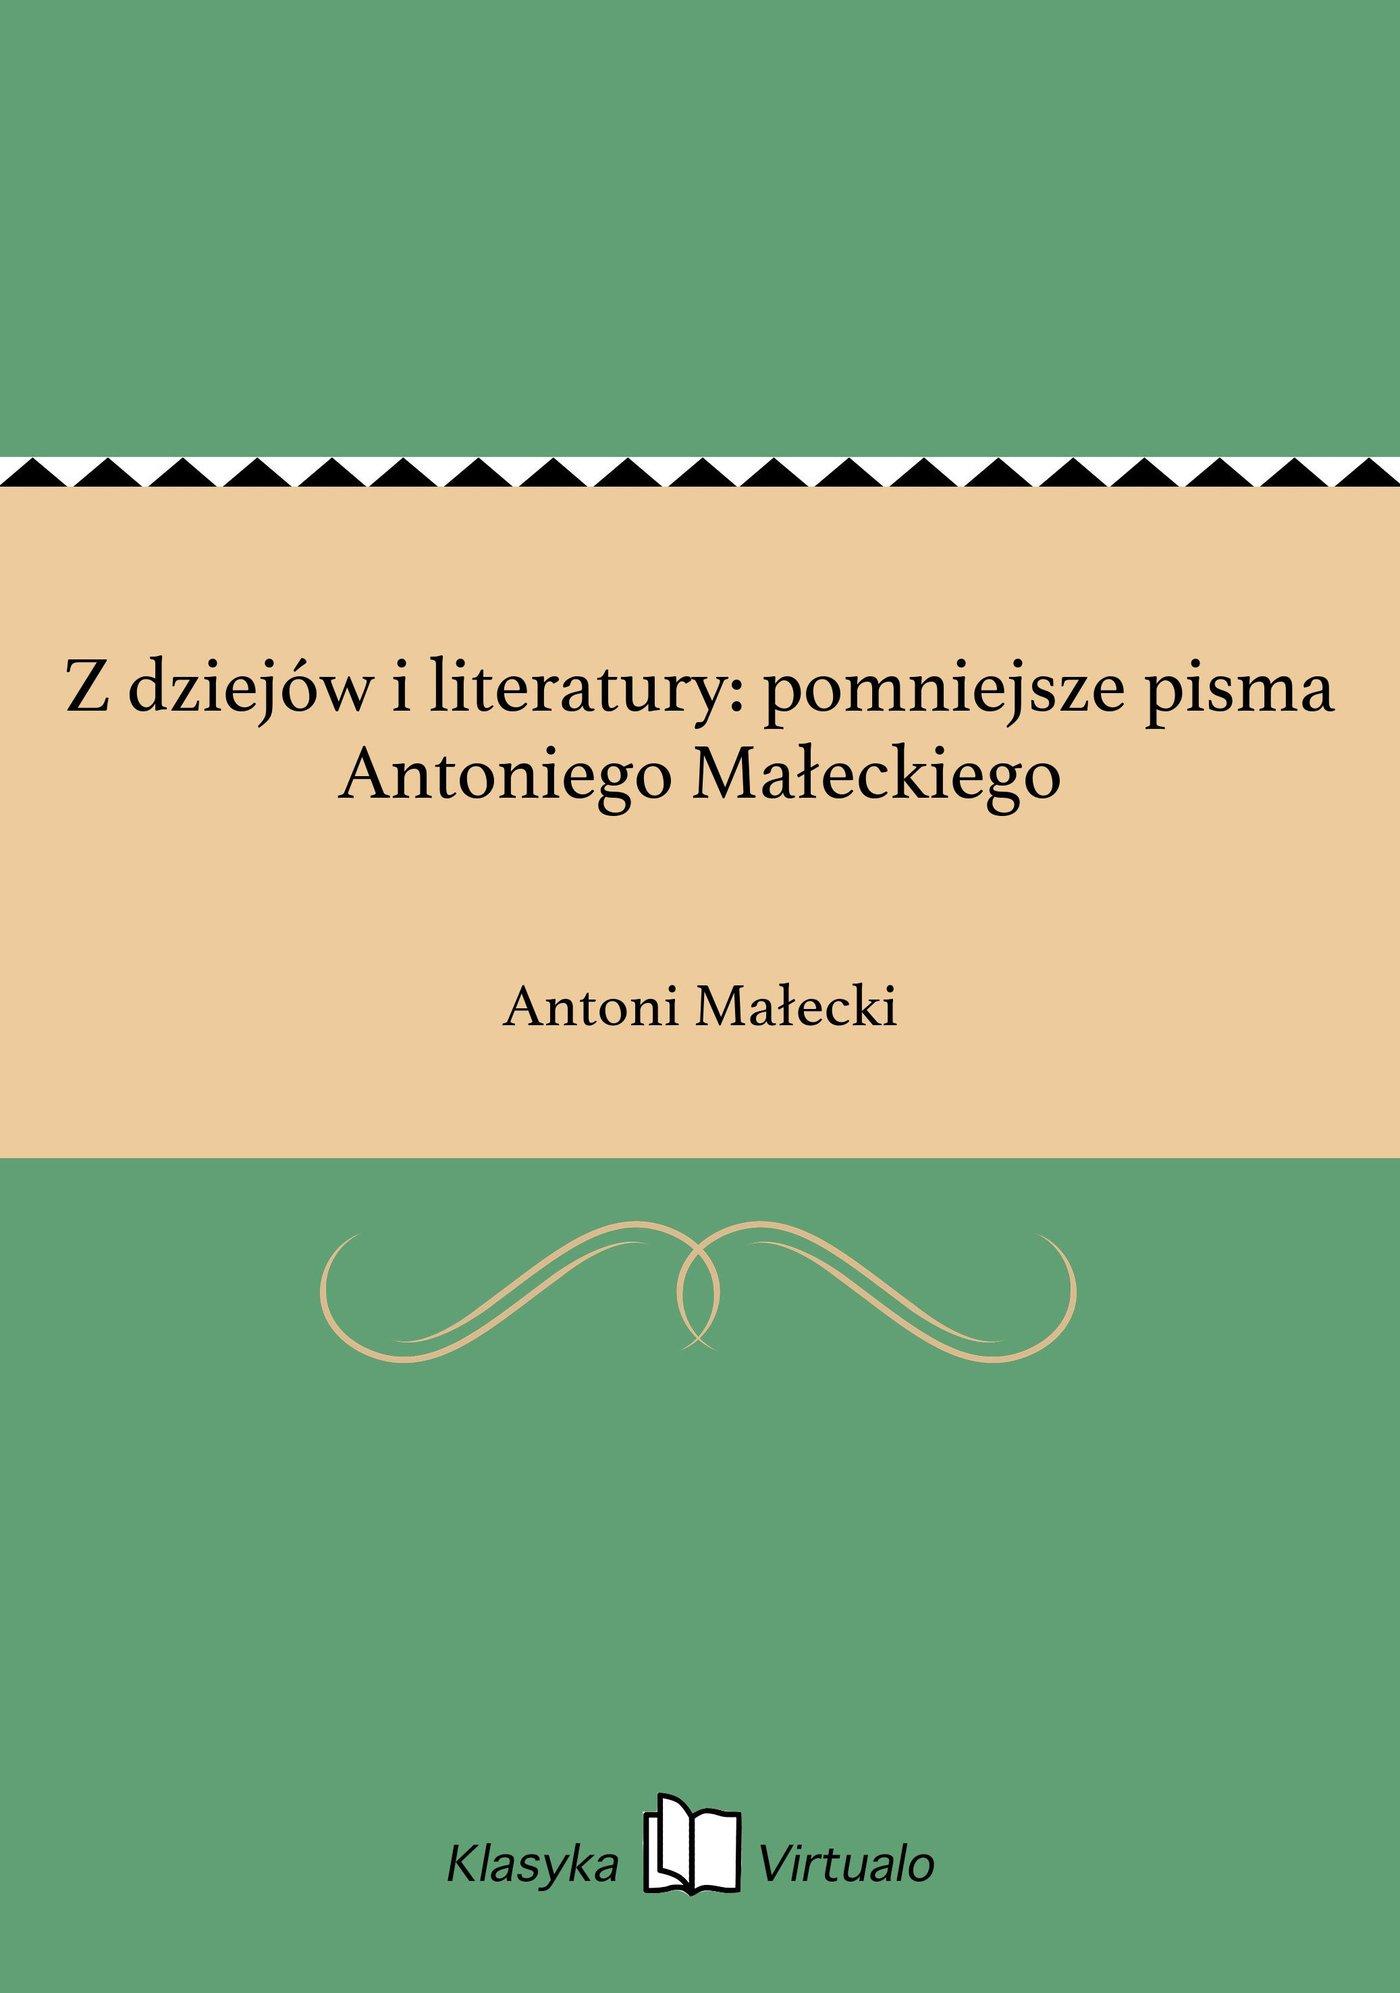 Z dziejów i literatury: pomniejsze pisma Antoniego Małeckiego - Ebook (Książka EPUB) do pobrania w formacie EPUB